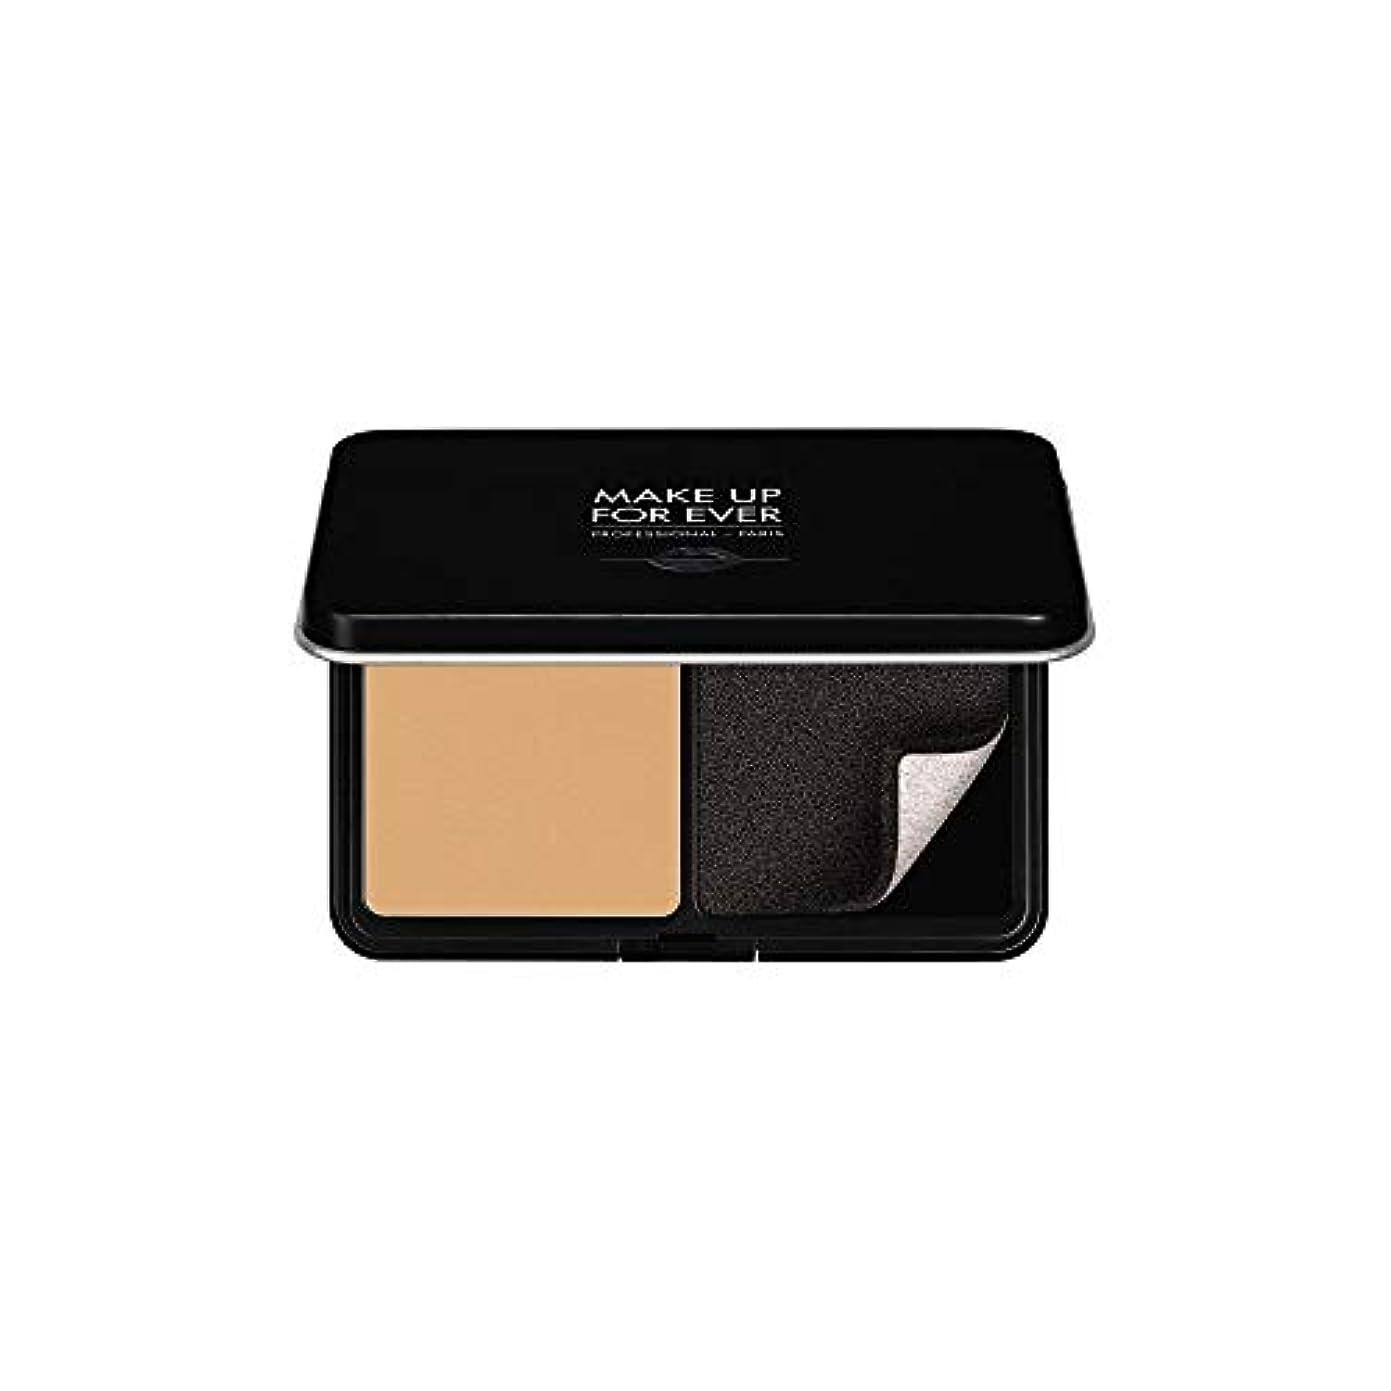 豪華なロマンスメイクアップフォーエバー Matte Velvet Skin Blurring Powder Foundation - # Y245 (Soft Sand) 11g/0.38oz並行輸入品